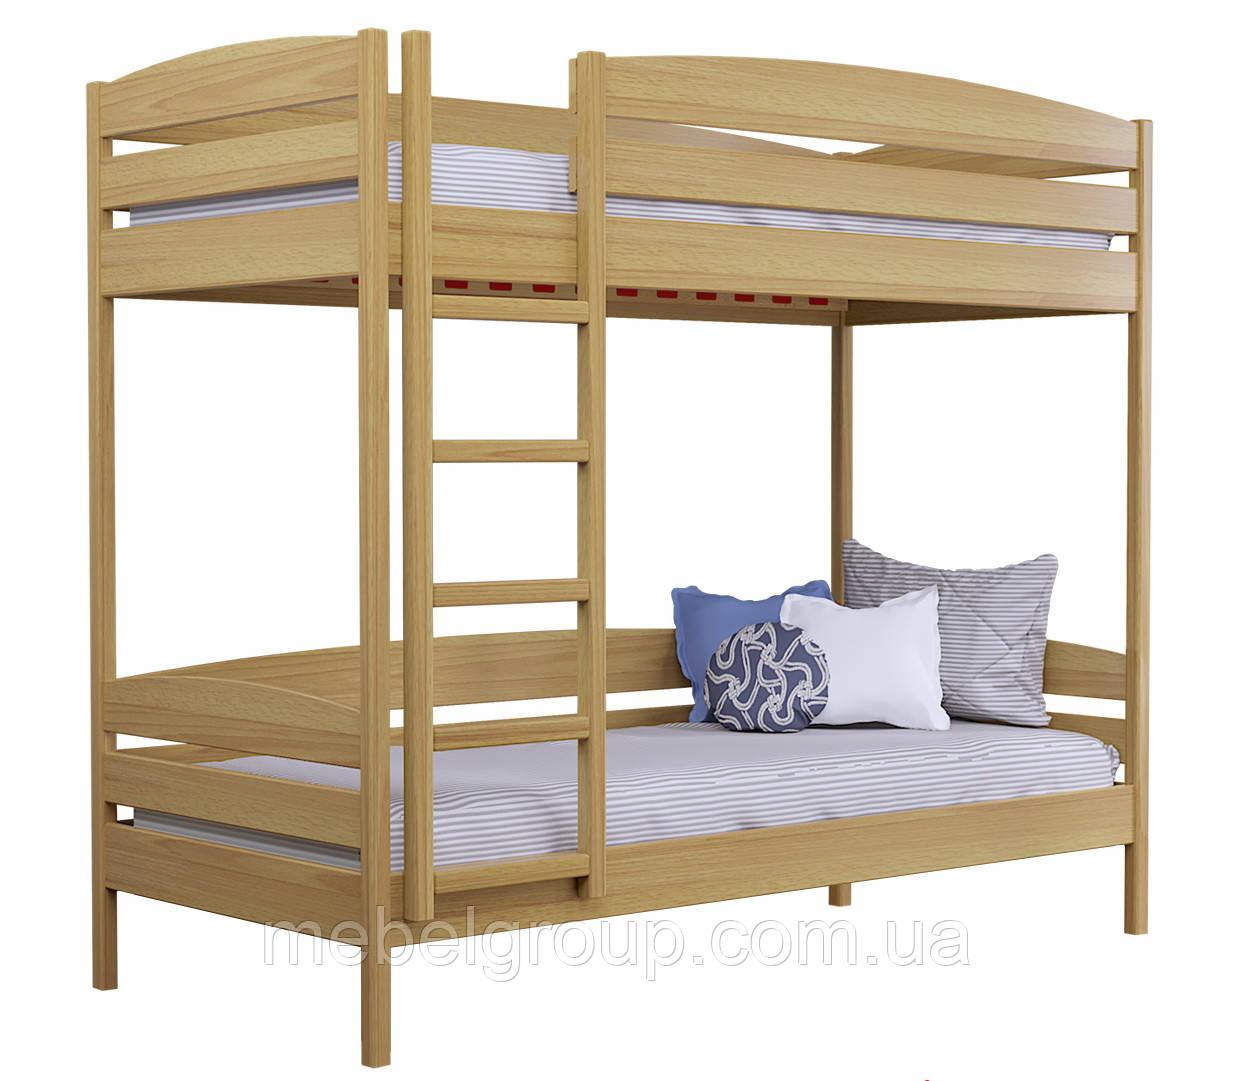 Двухъярусная кровать Дует Плюс Масив (Без ящиков и без бортика)